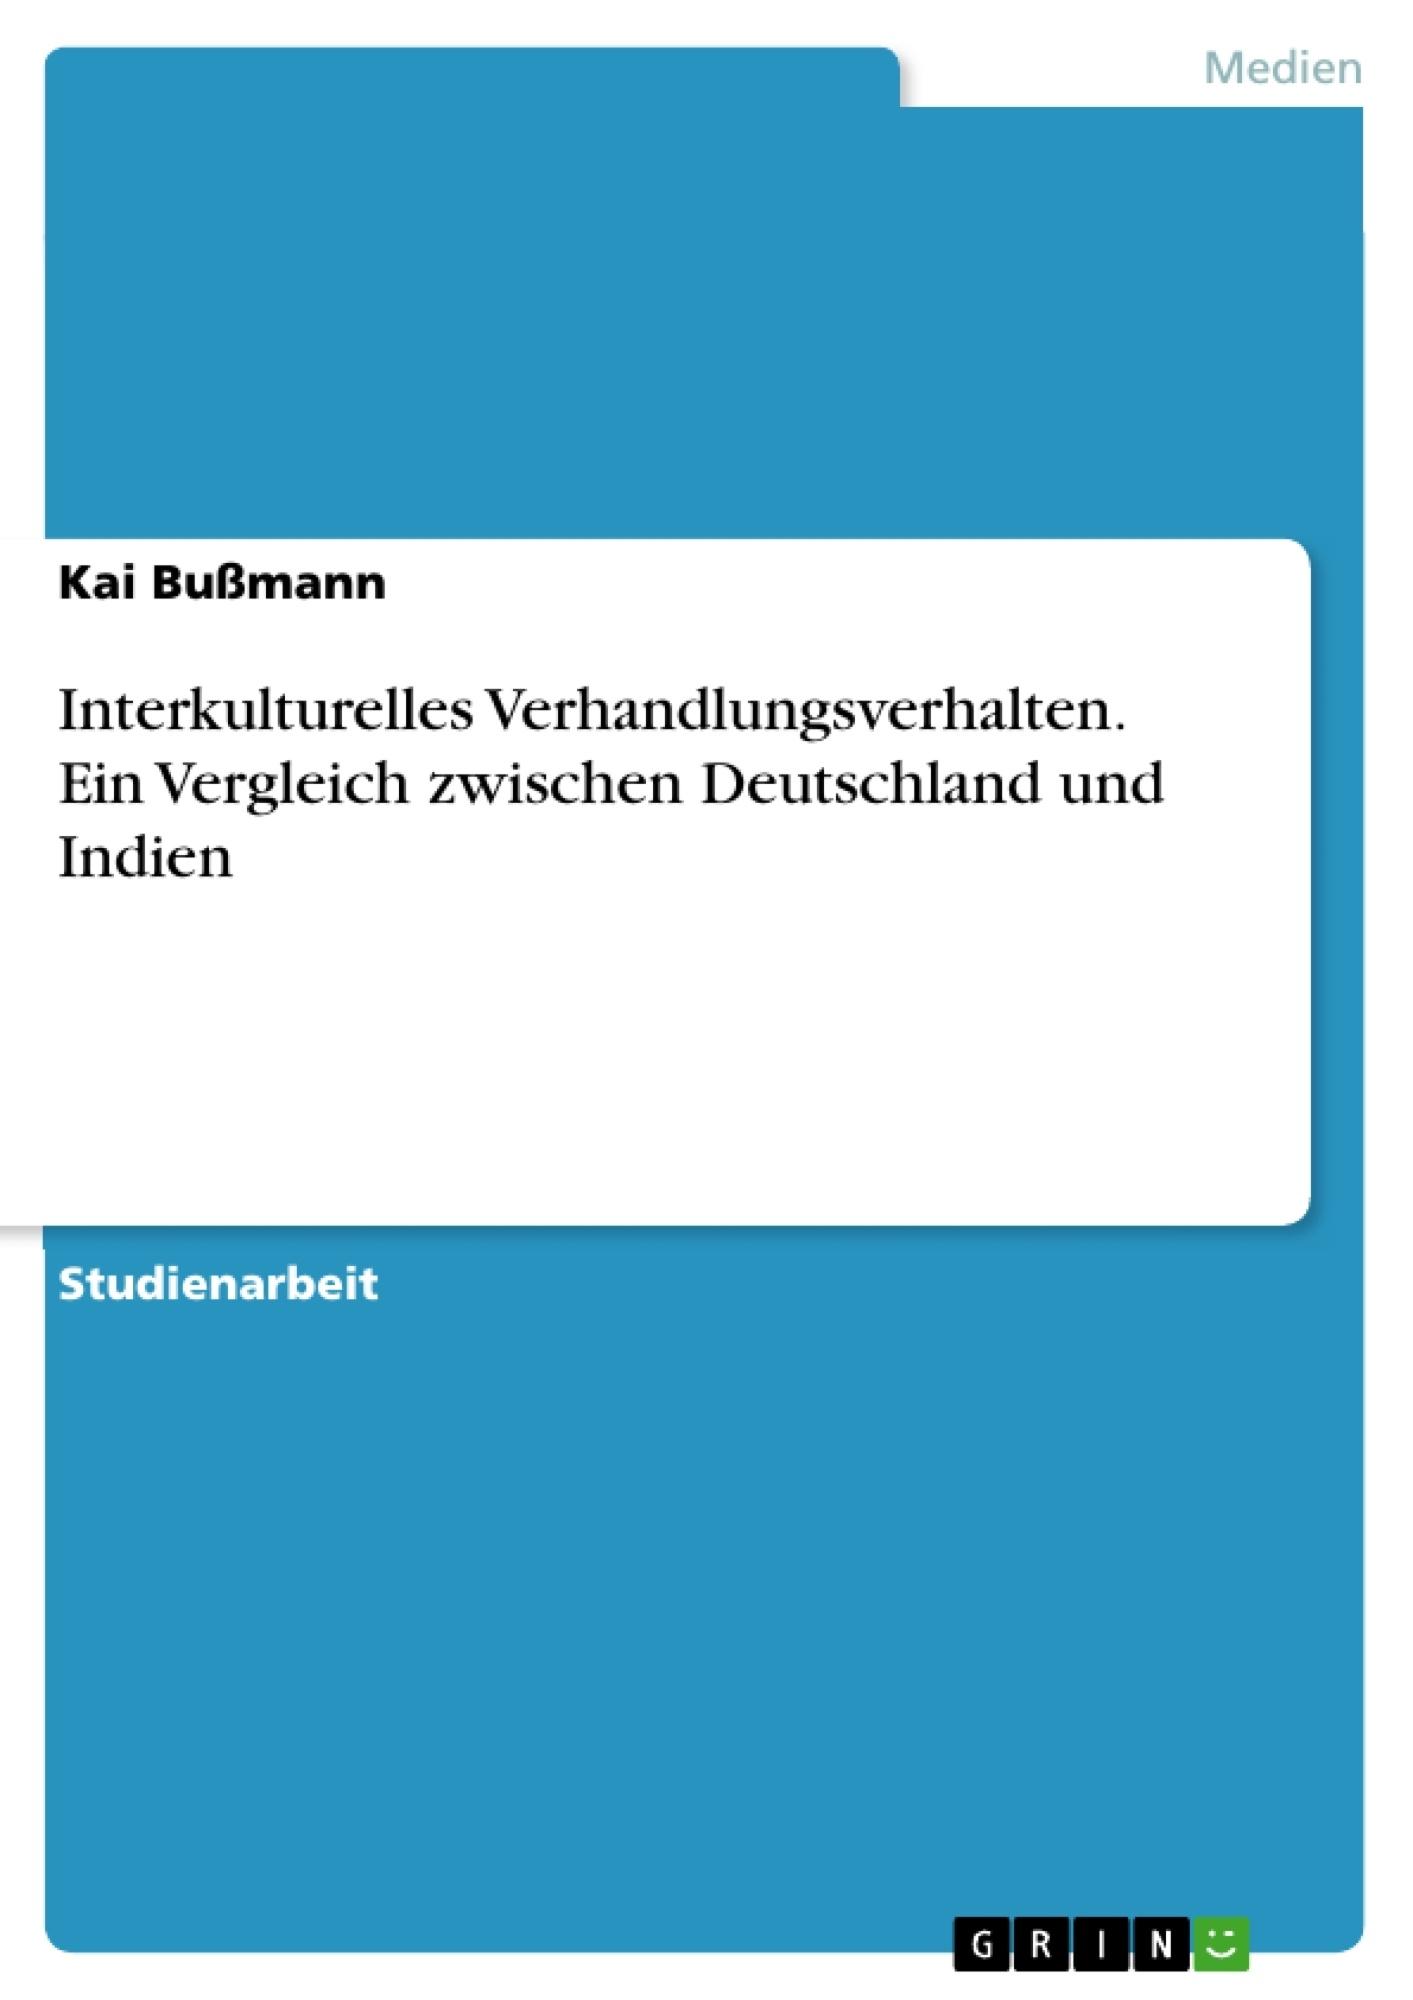 Titel: Interkulturelles Verhandlungsverhalten. Ein Vergleich zwischen Deutschland und Indien